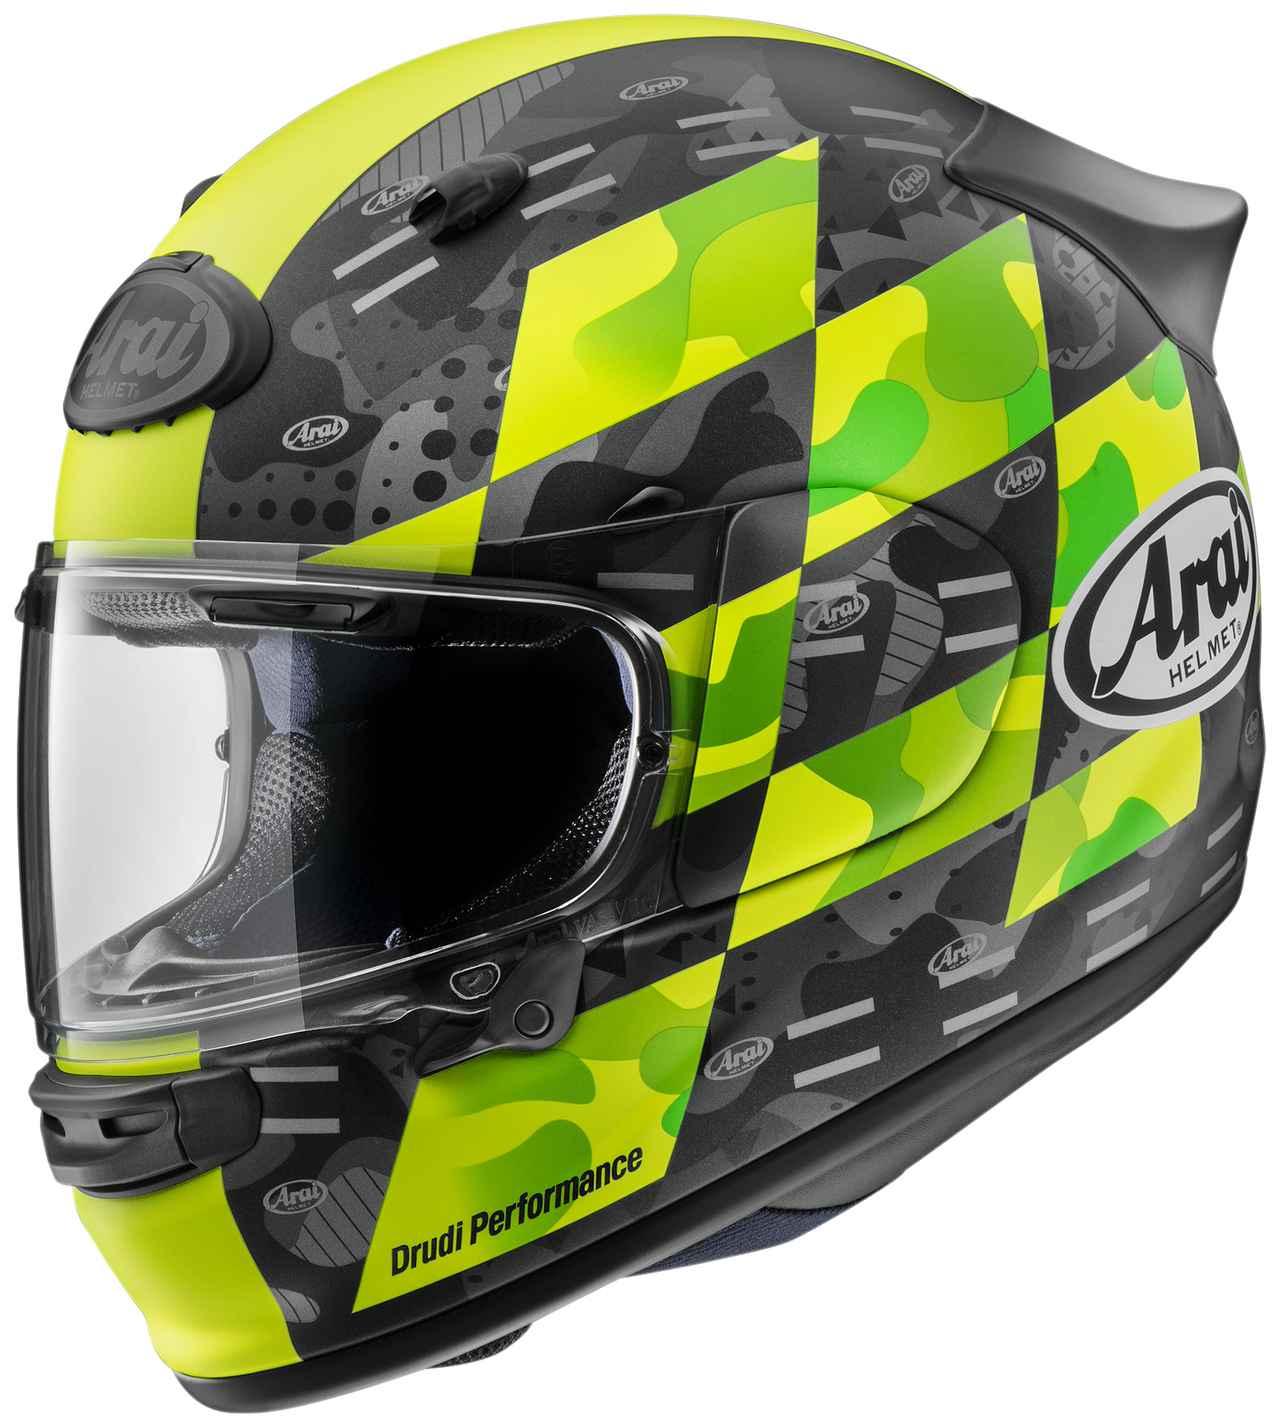 画像9: アライの最新ヘルメット・アストロGXに新たなグラフィックモデル「チェッカー」が登場! カラーは3色の設定